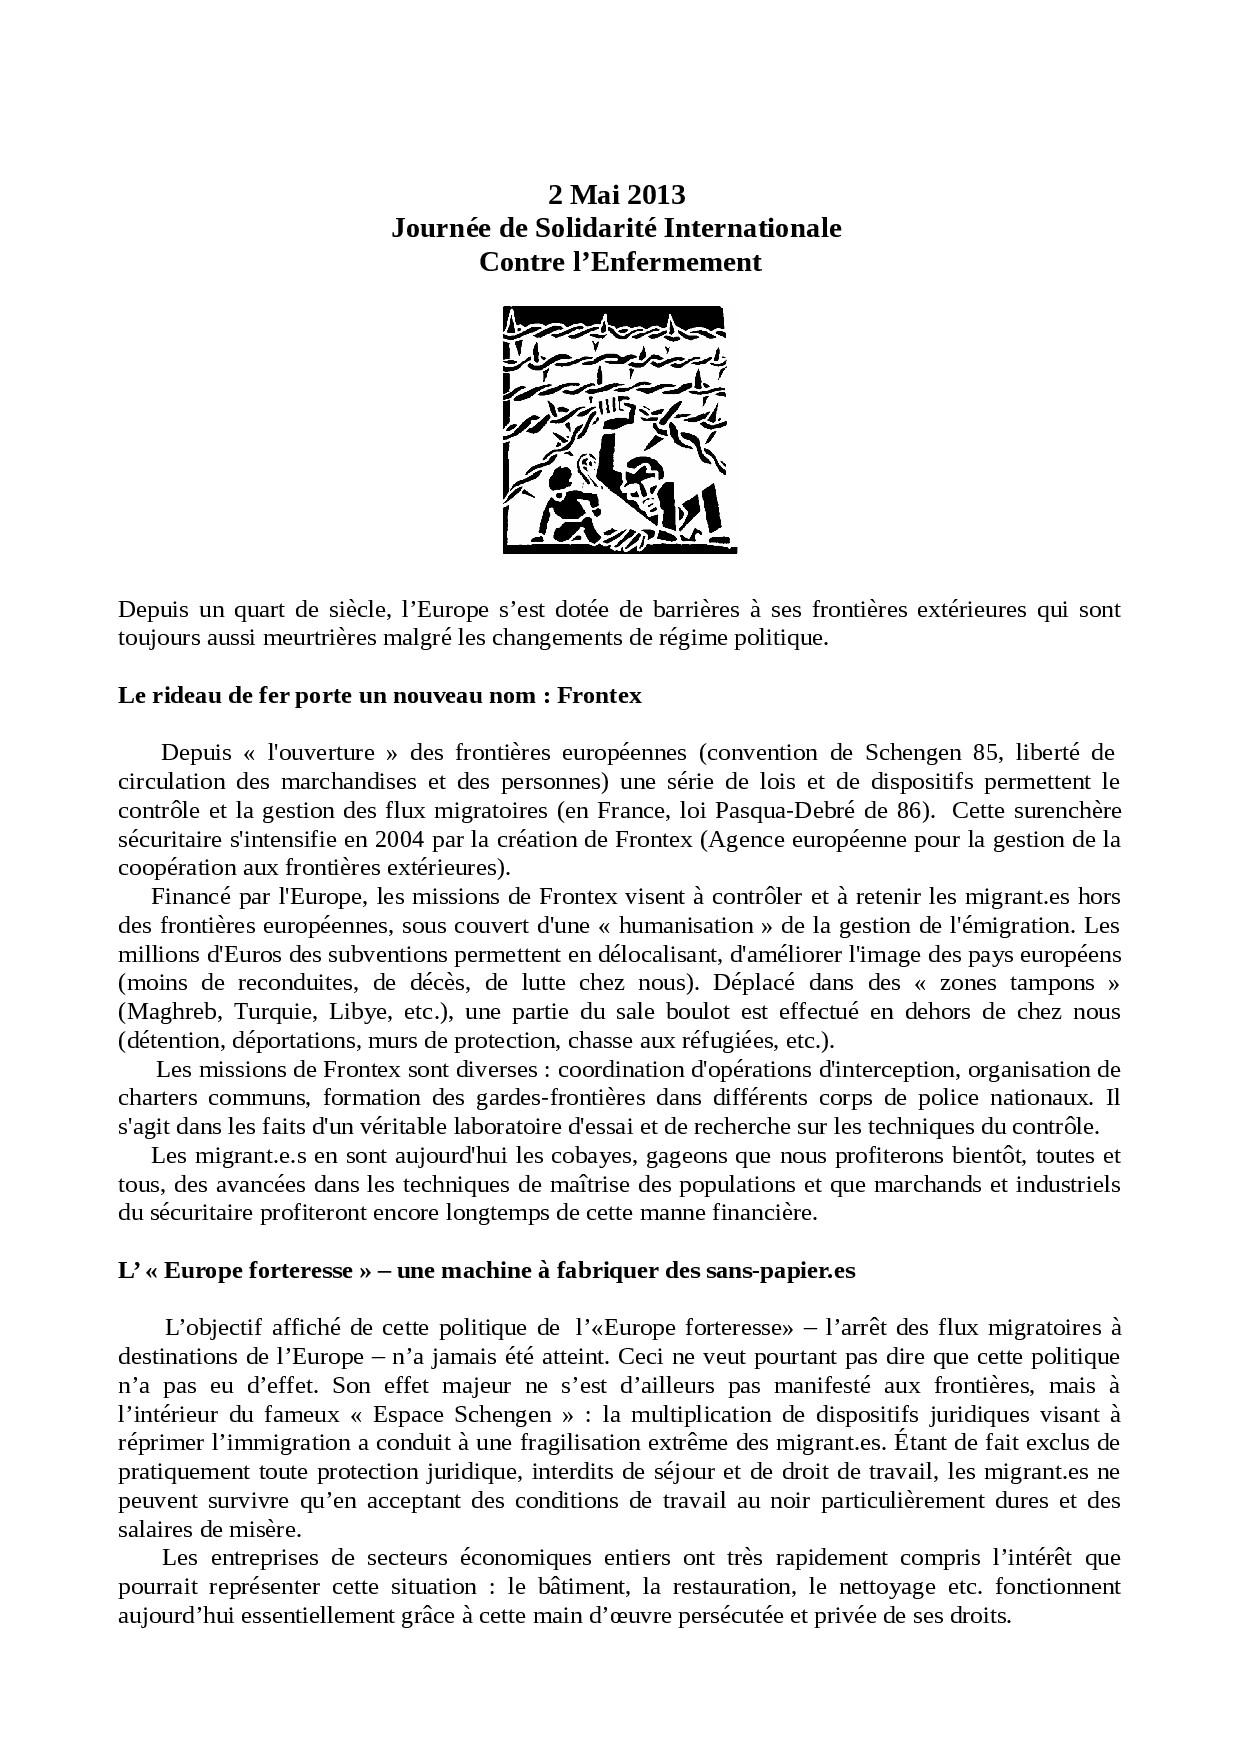 http://juralib.noblogs.org/files/2013/05/Peponne1.jpg